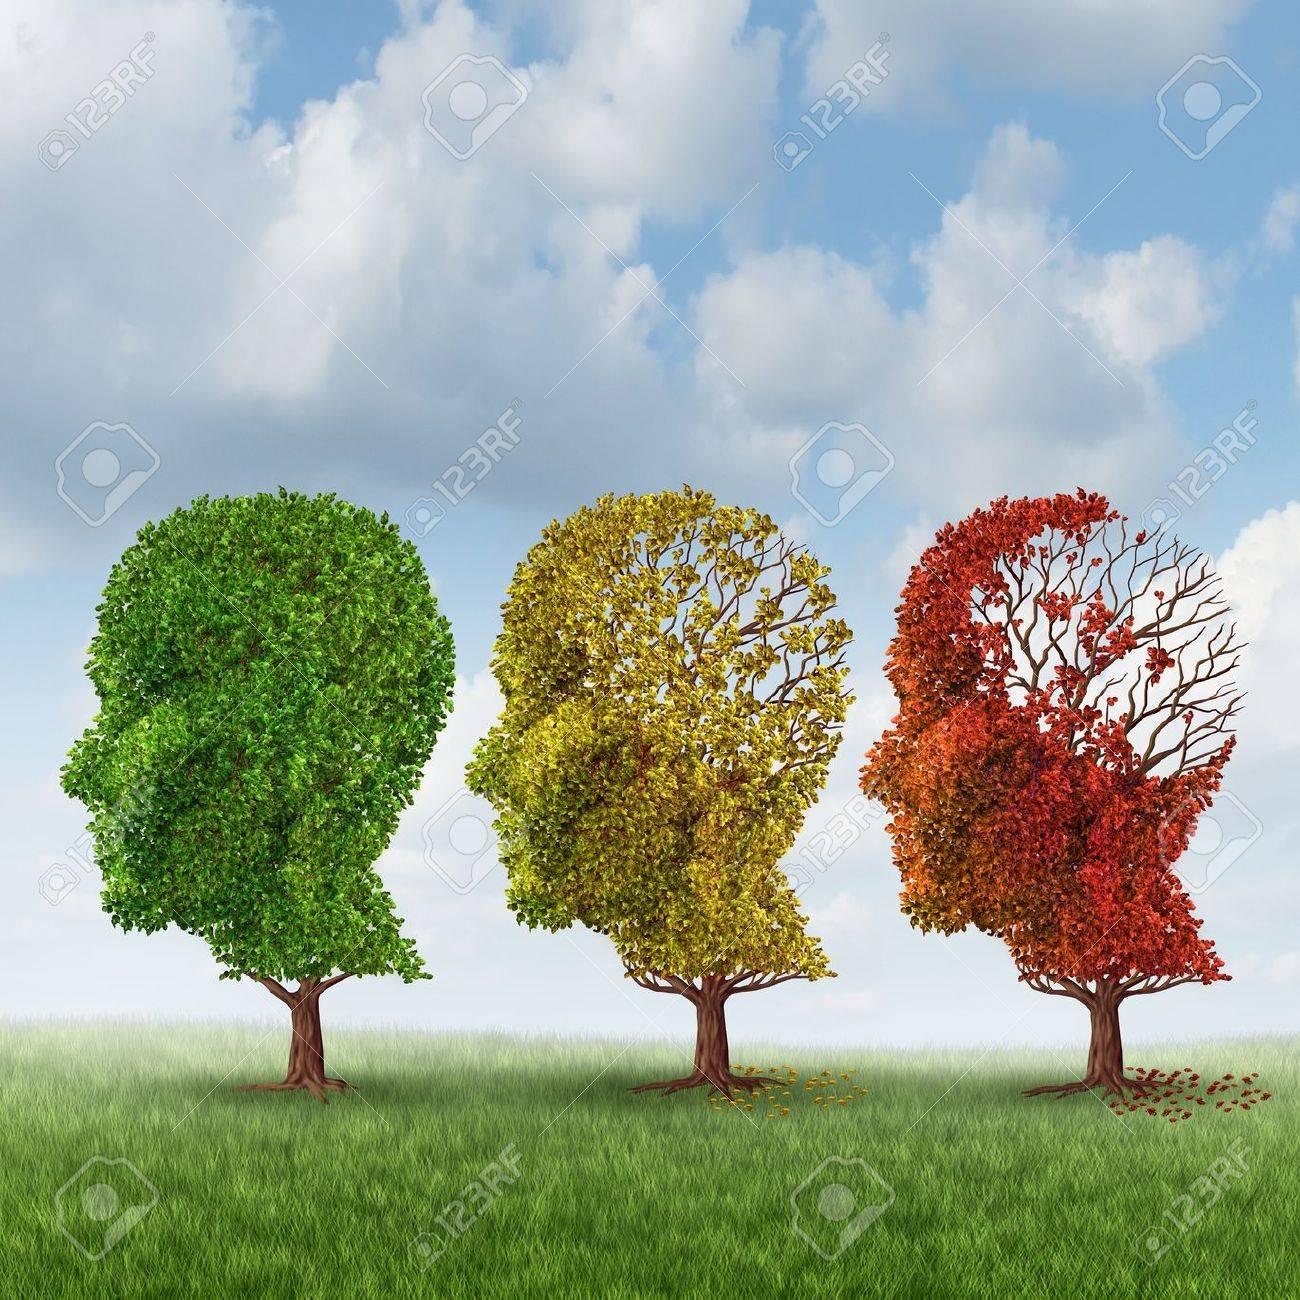 Envejecimiento Cerebral Y Pérdida De Memoria Debido A La Demencia Y El  Alzheimer Fotos, Retratos, Imágenes Y Fotografía De Archivo Libres De  Derecho. Image 20235889.